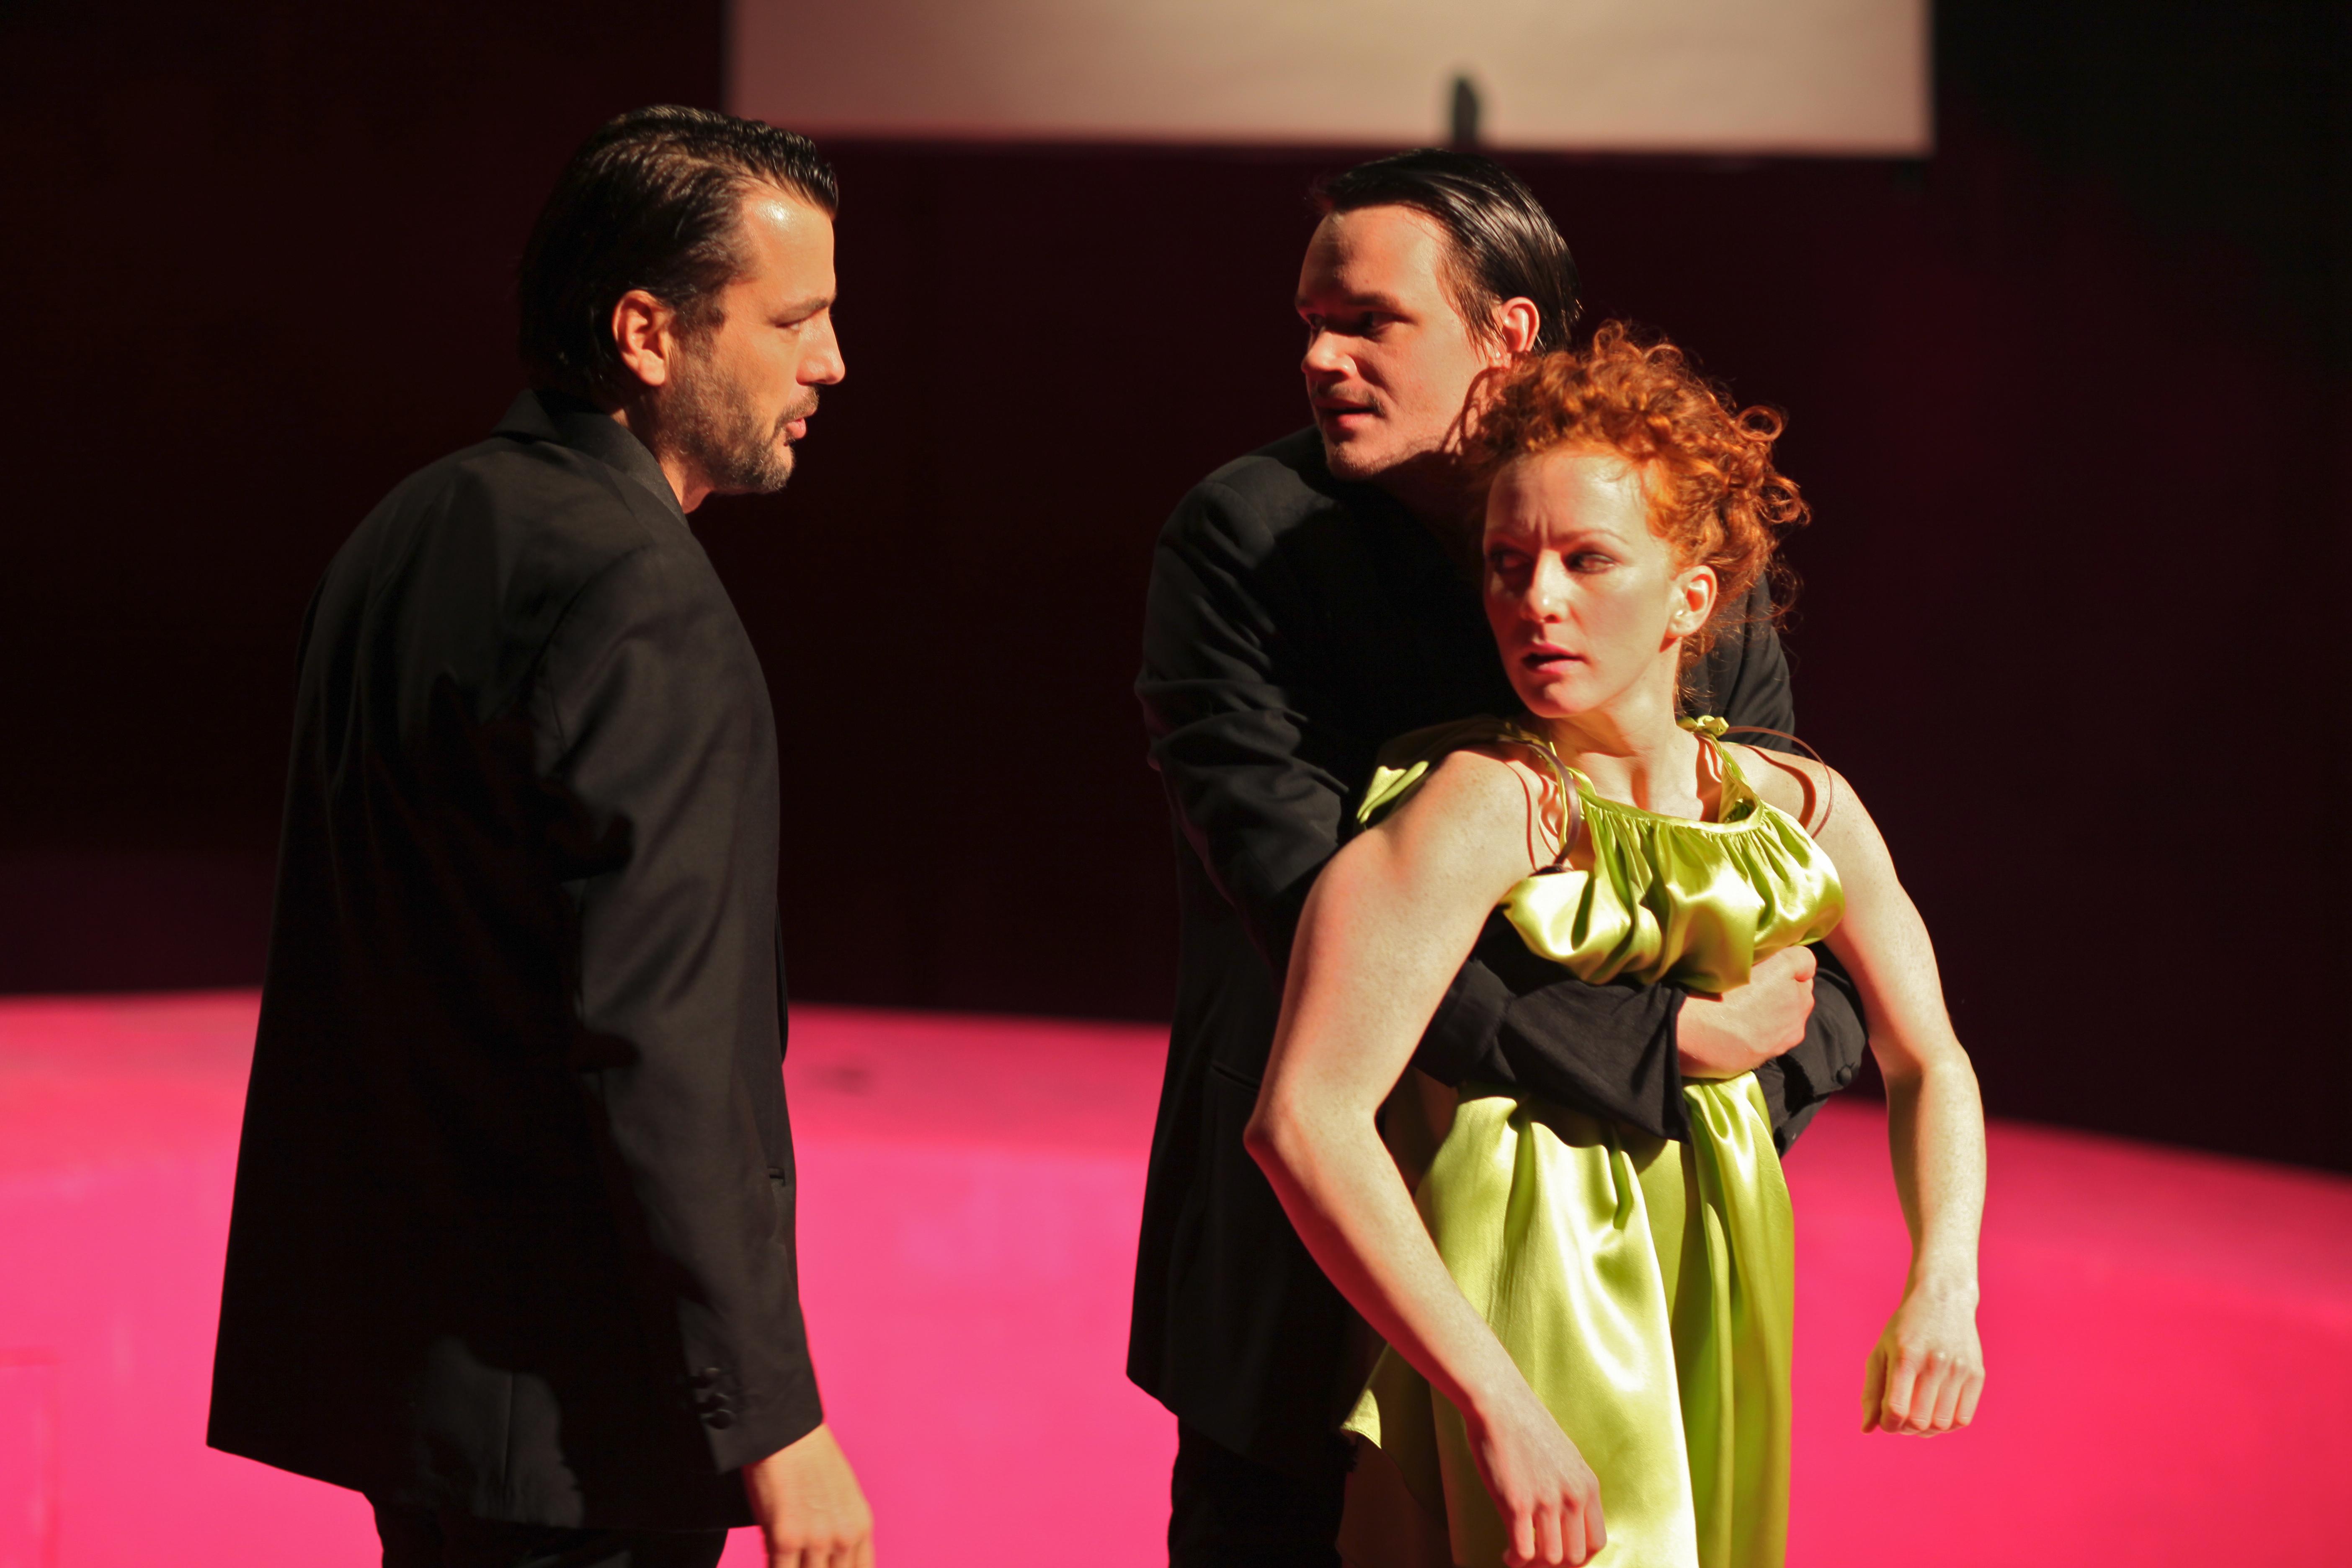 Lulu og mennene. 2009 011